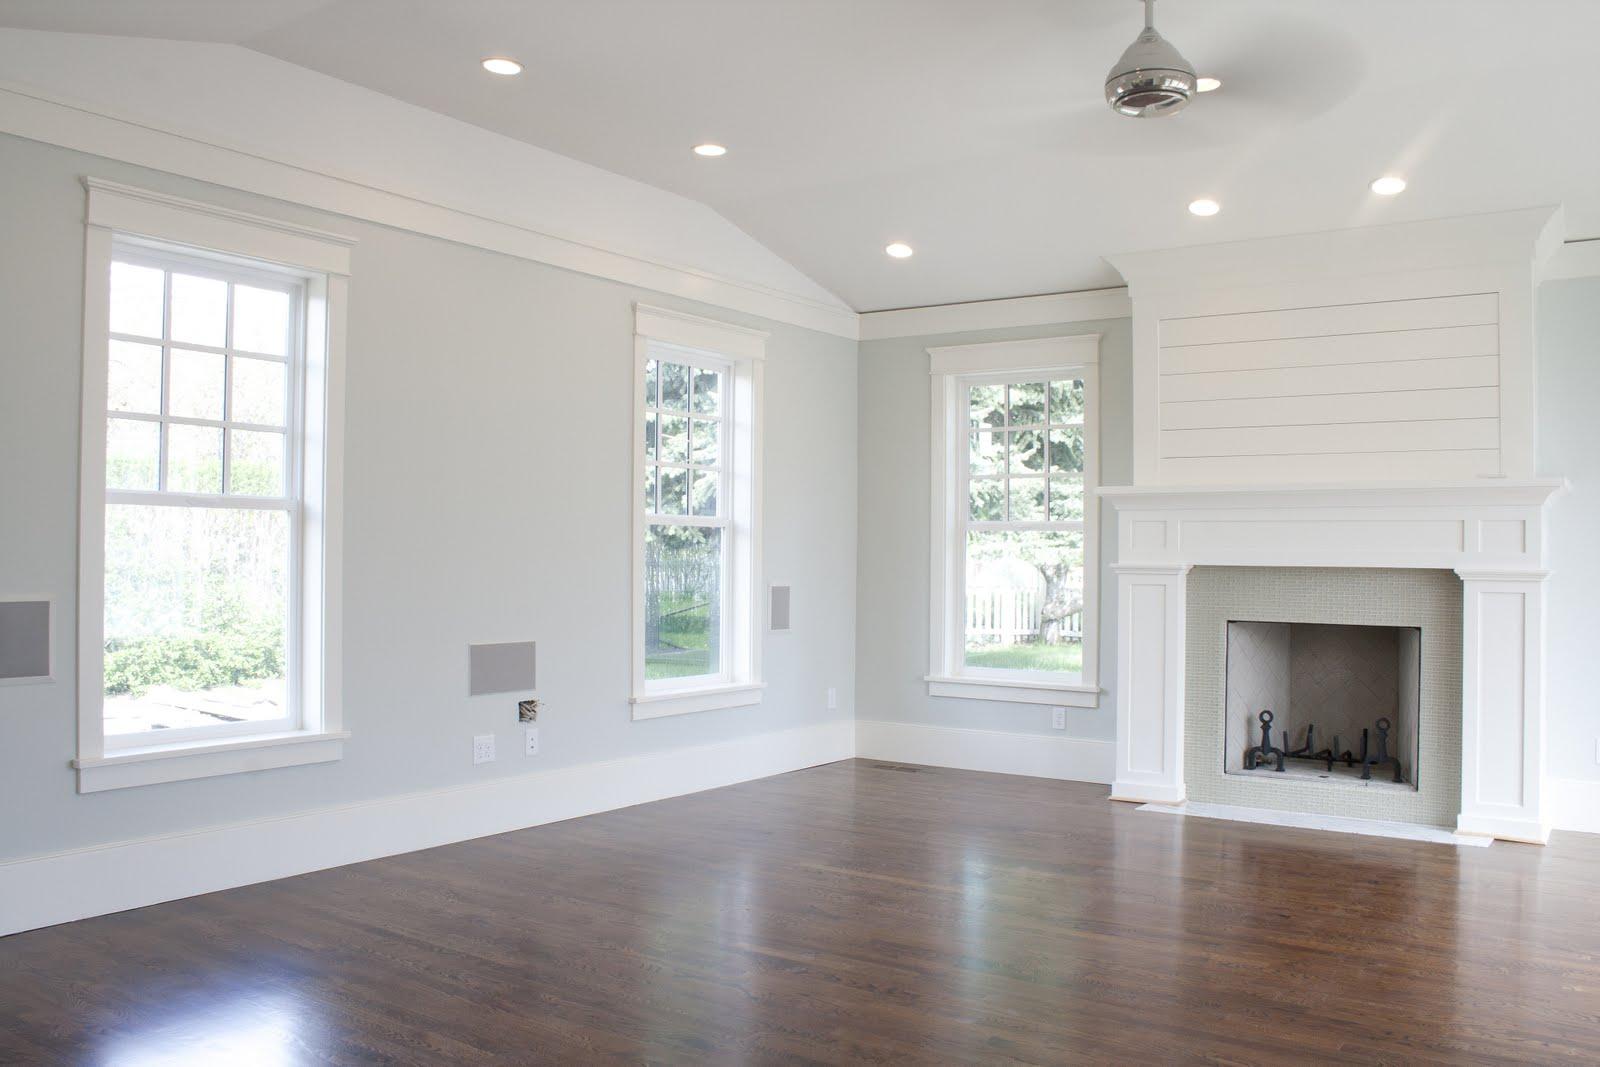 Holladay Remodel | Tiek Built Homes